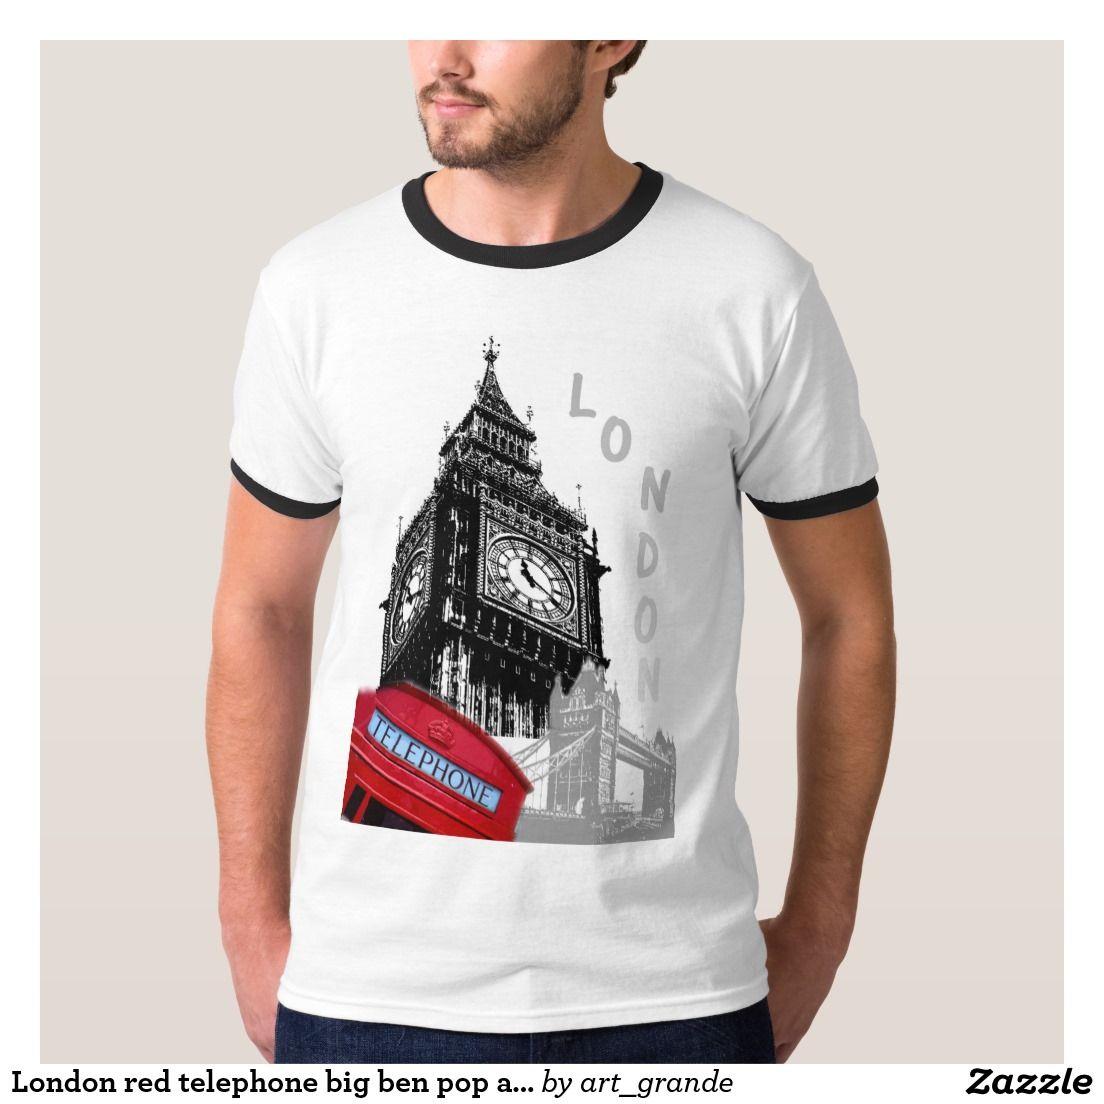 London red telephone big ben pop art t-shirt